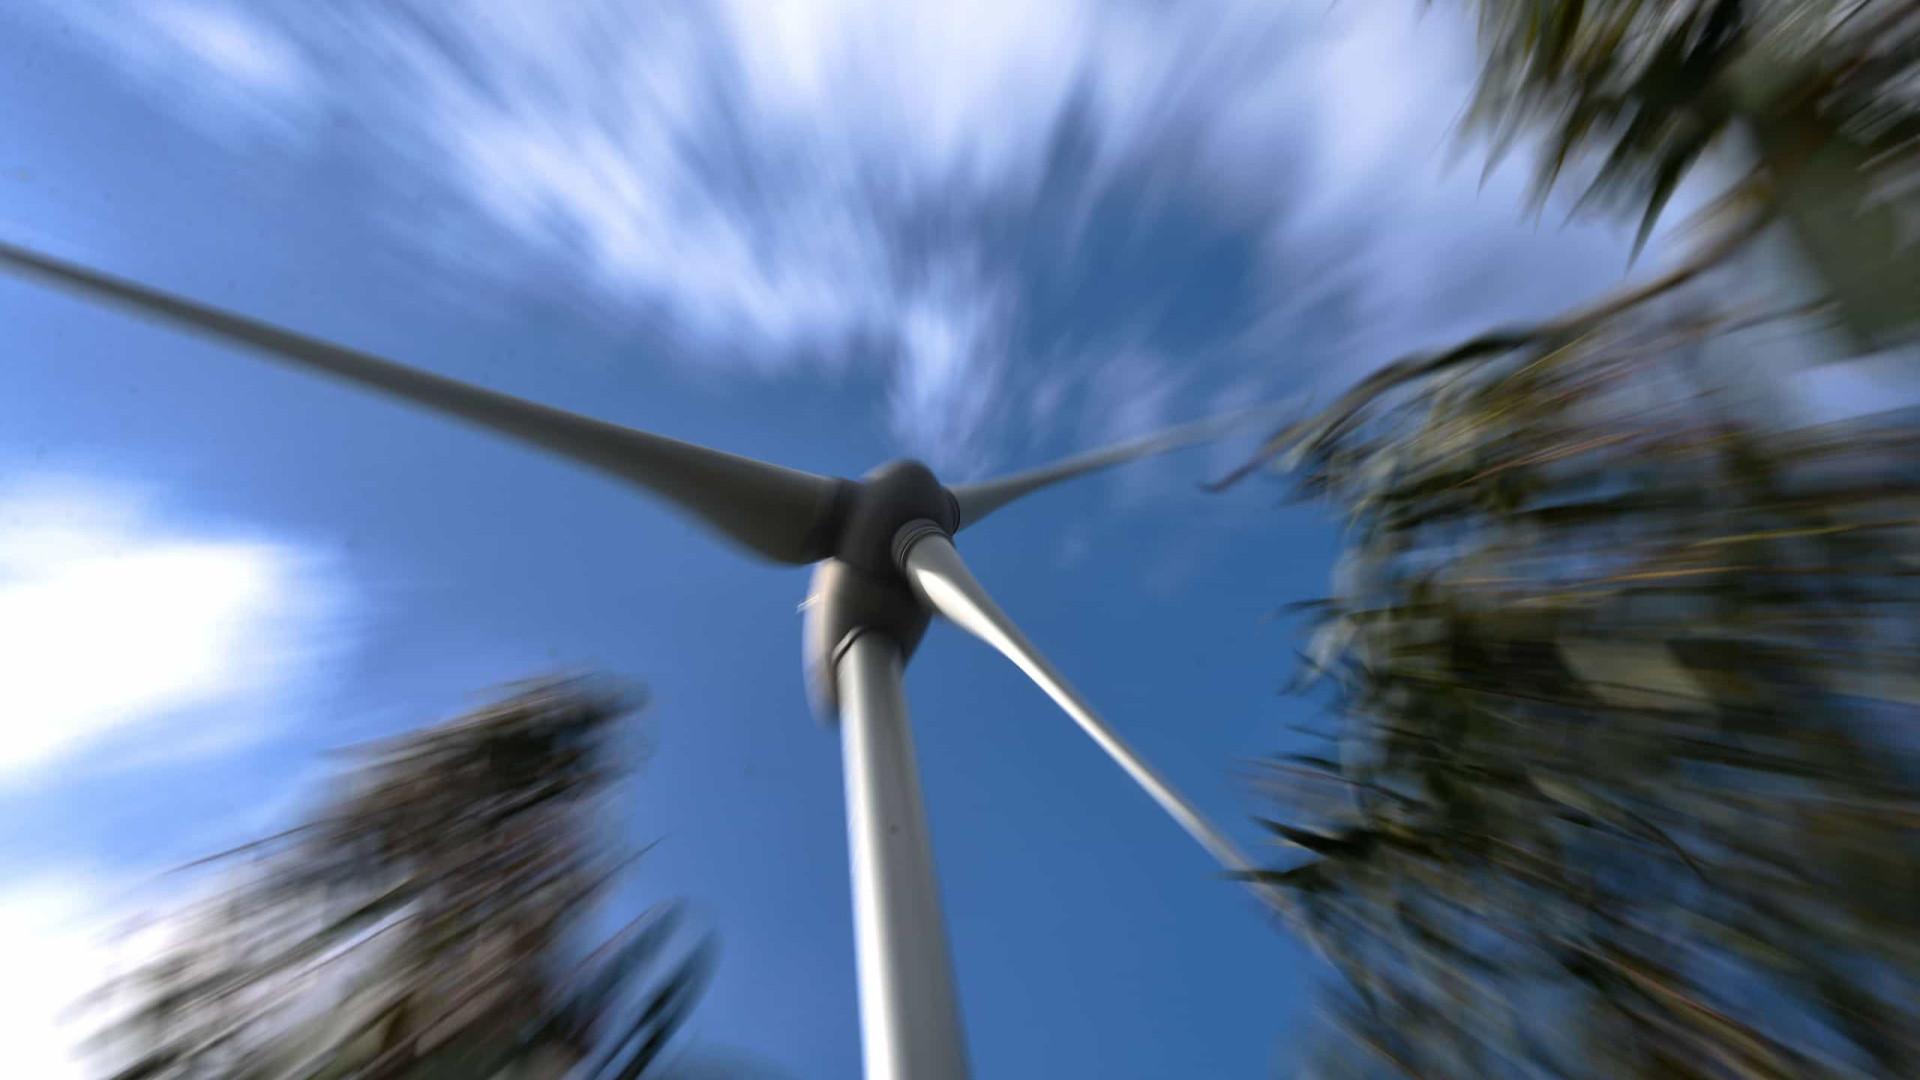 Empresas energéticas aumentaram investimento em energias renováveis